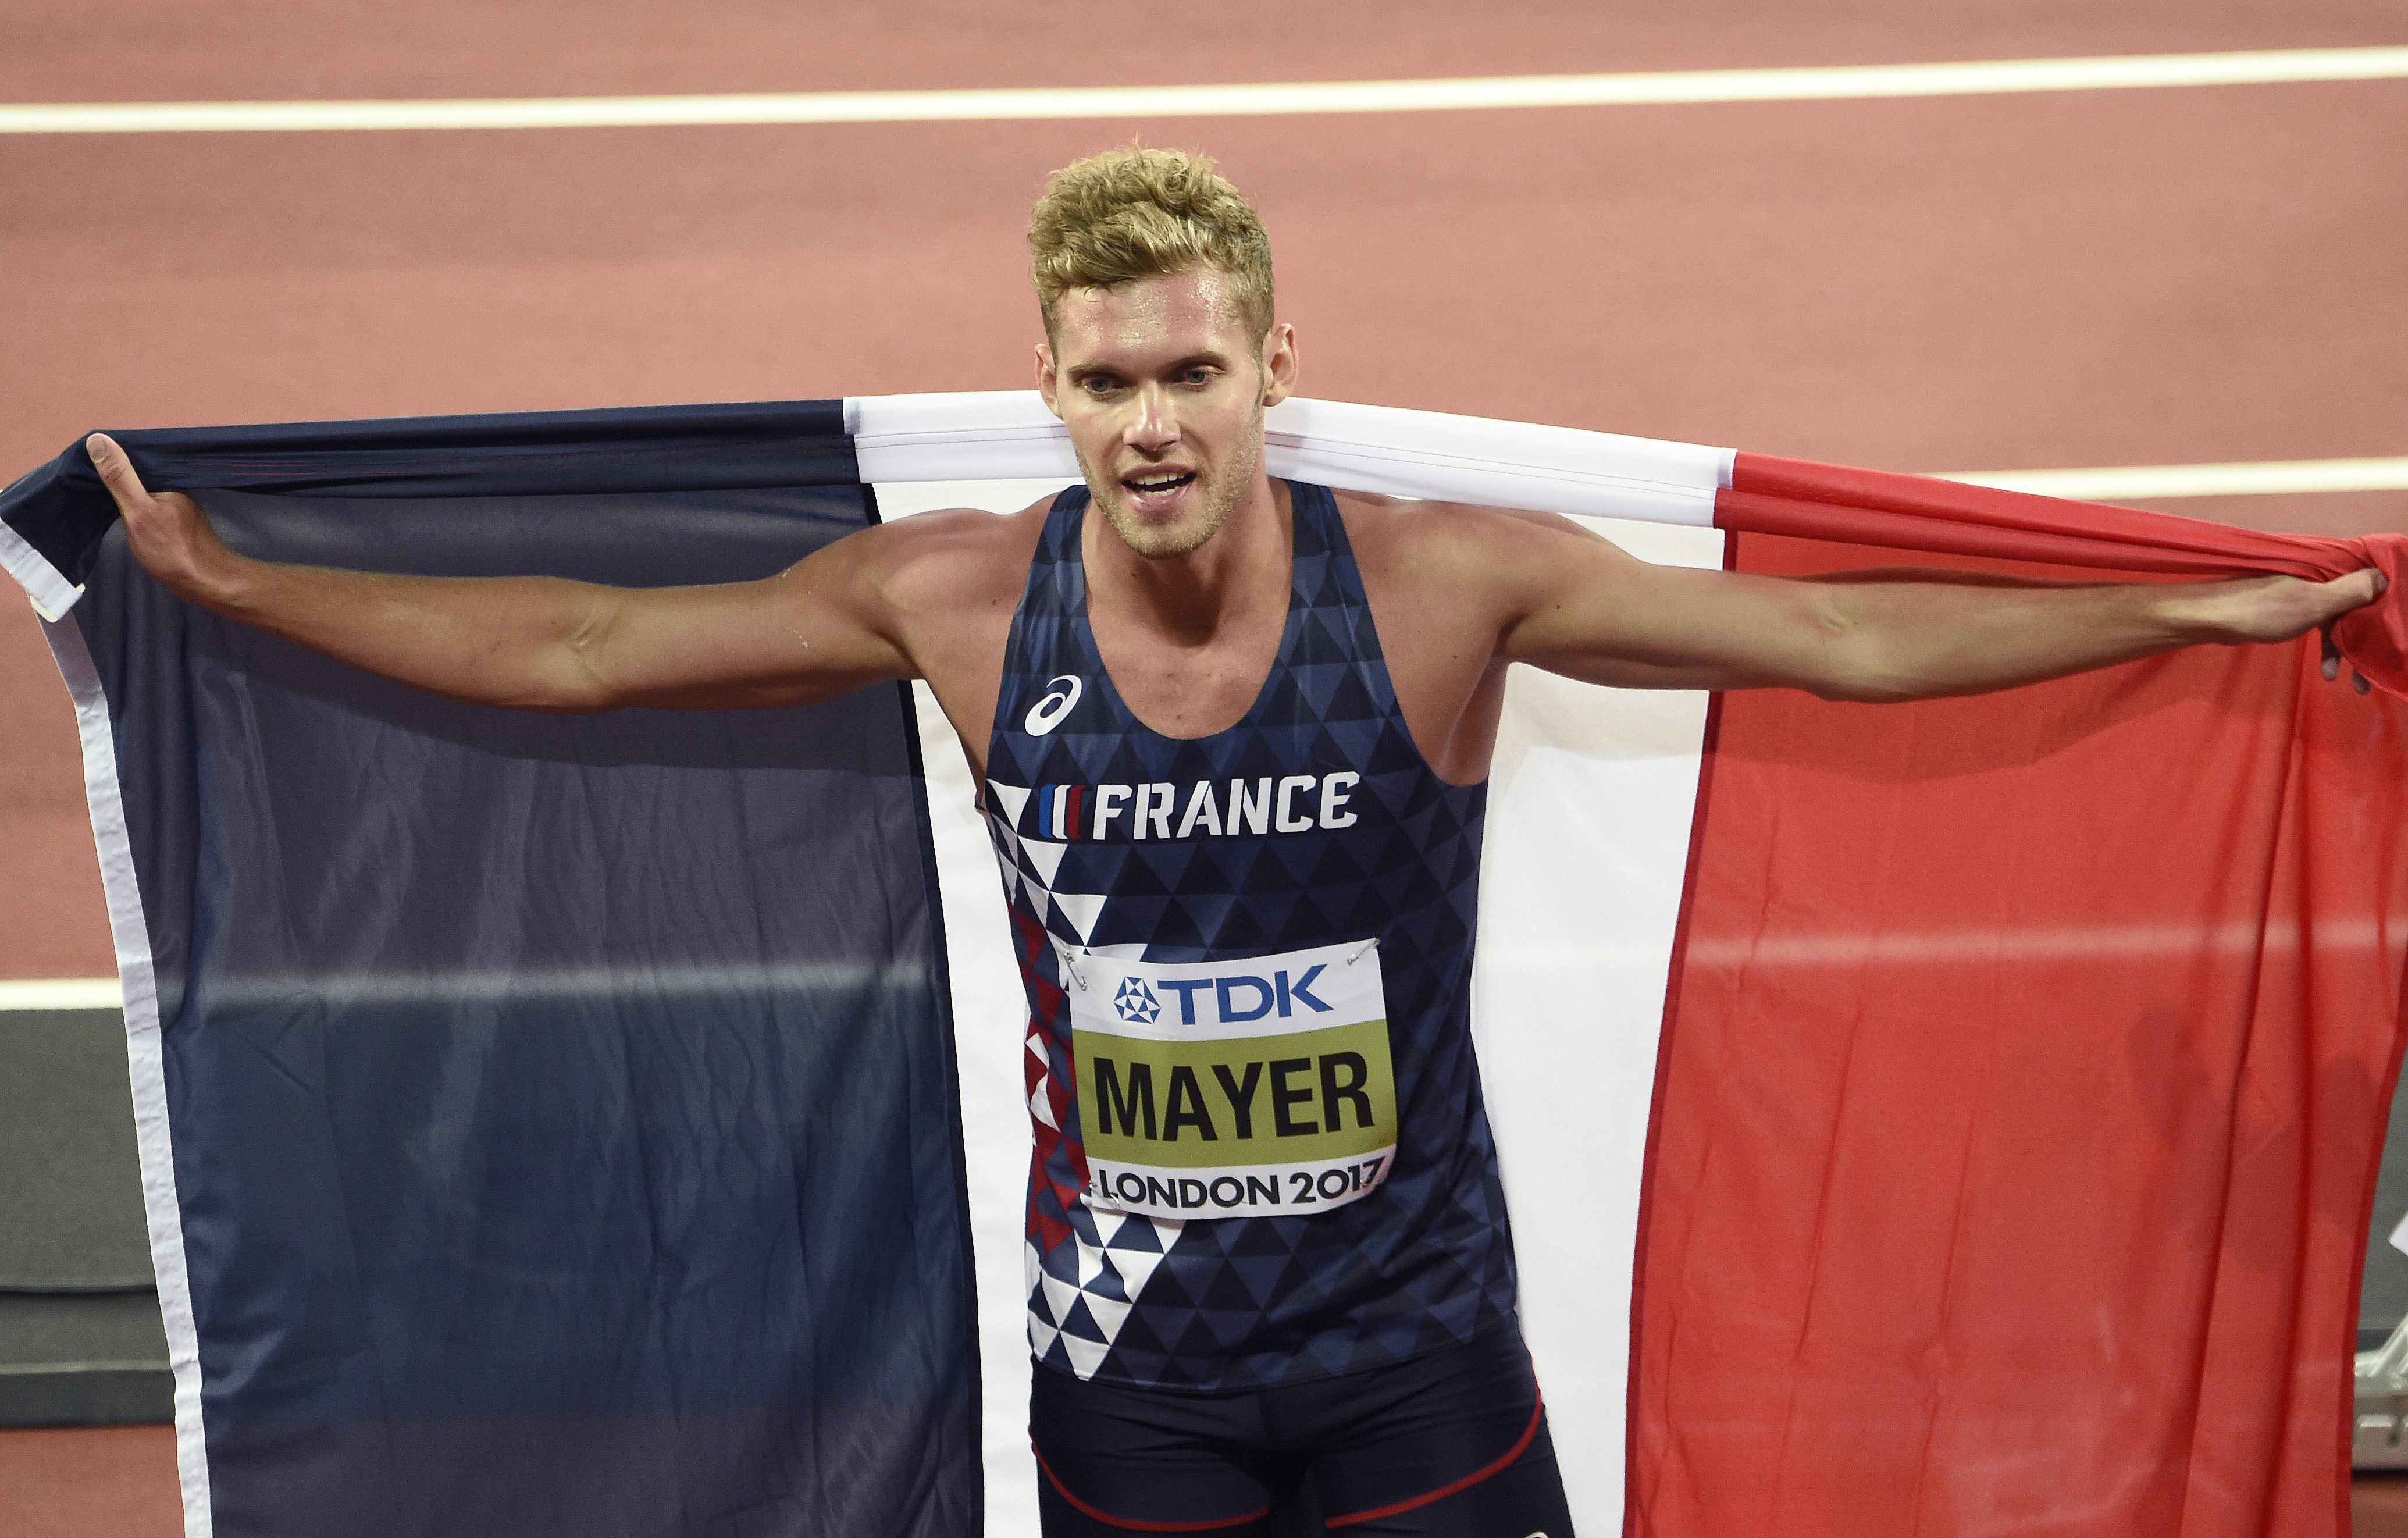 Athlétisme - Kevin Mayer répond à un tweet sur «la beauté de la race blanche»